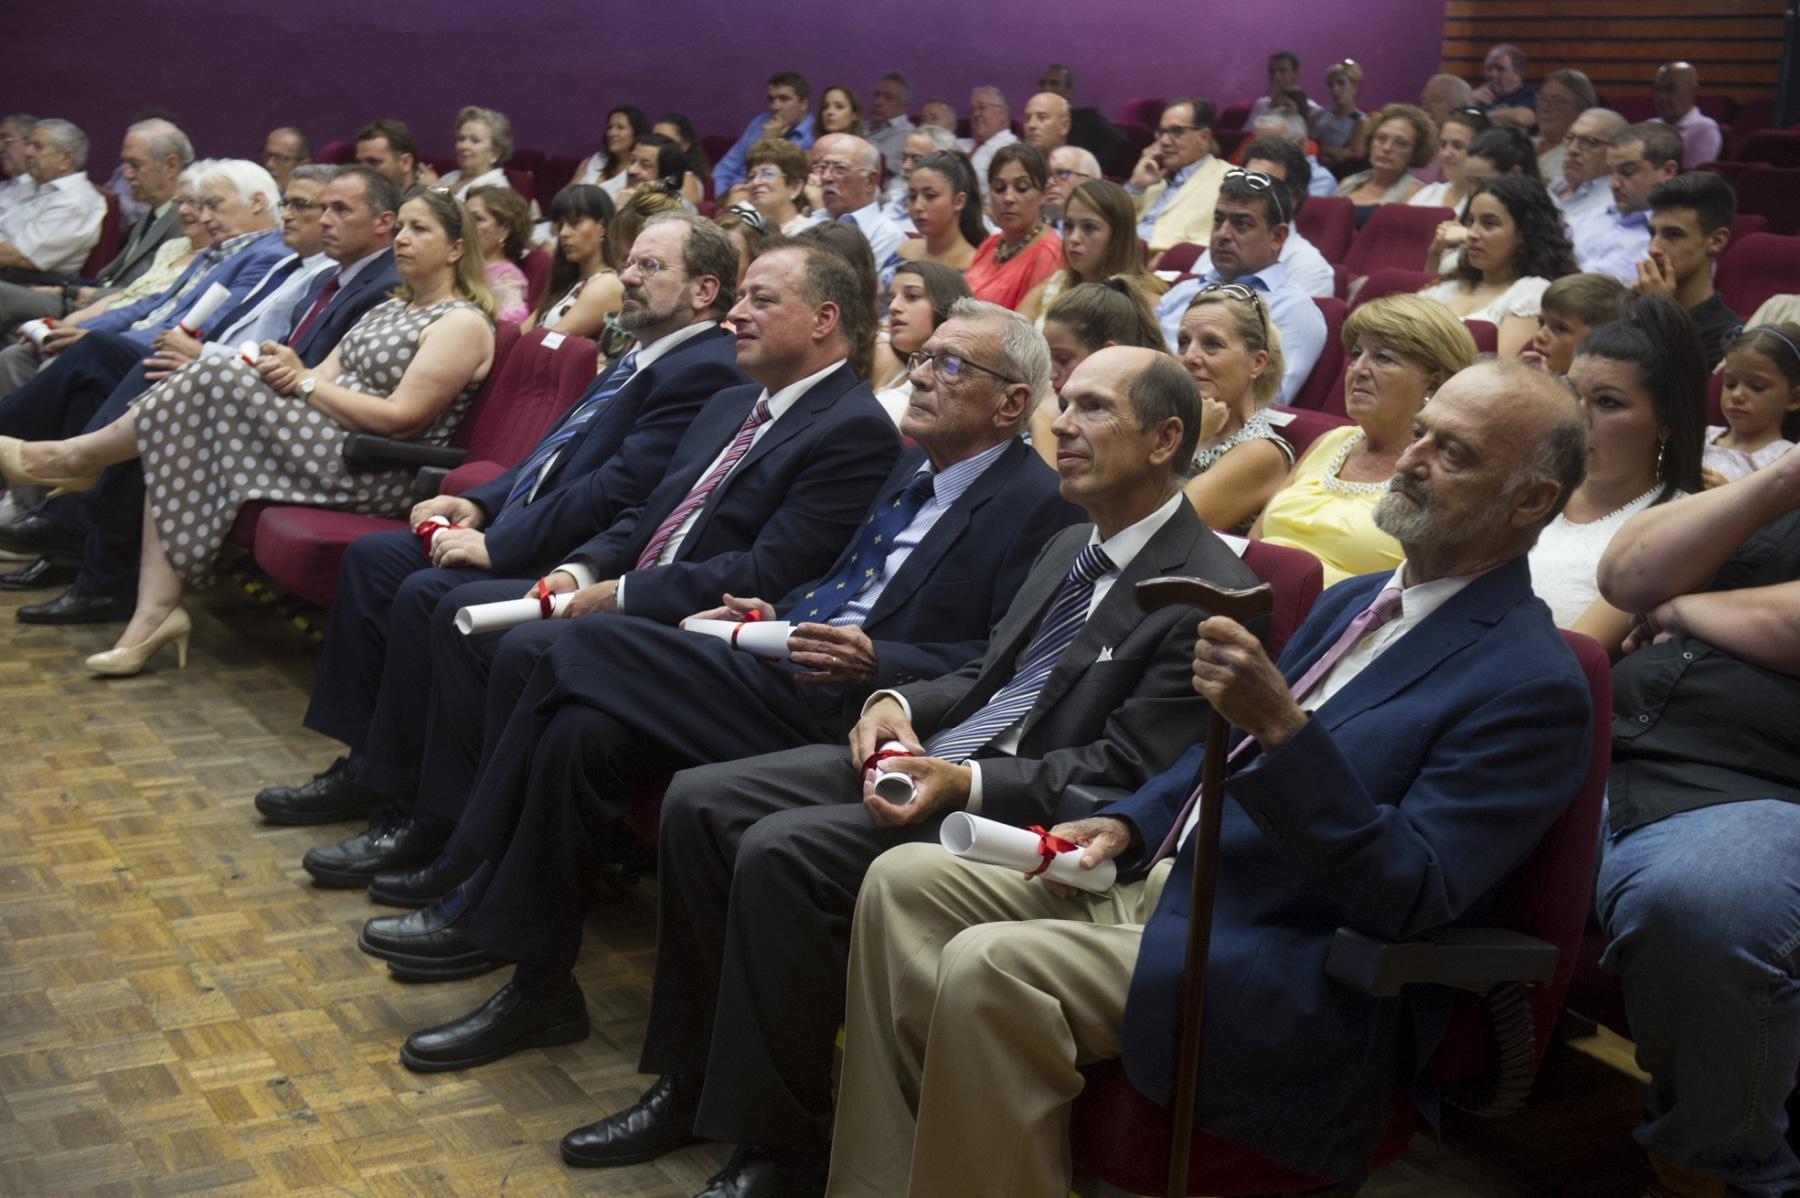 85-aniversario-museo-gibraltar-23072015-21_19968757261_o